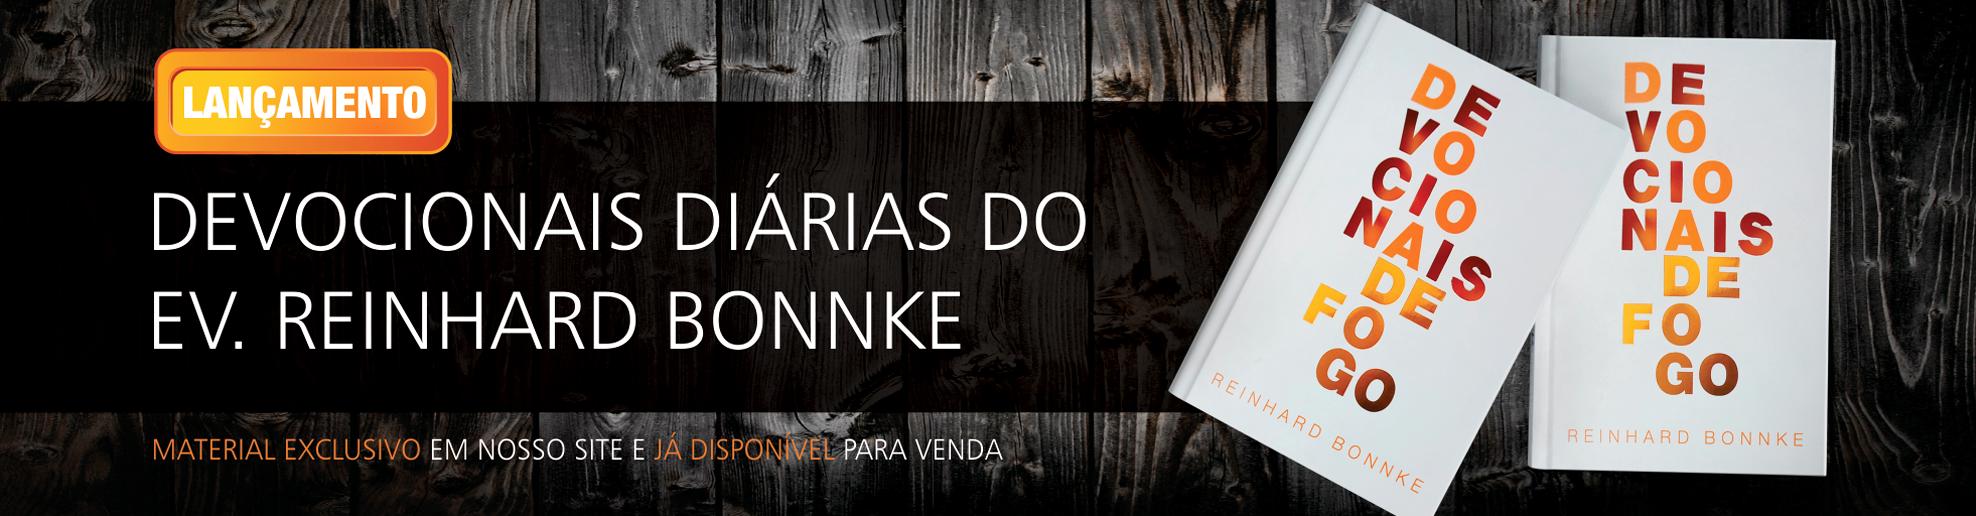 Livro Devocionais de Fogo do Evangelista Reinhard Bonnke - Lançamento - Cfan Brasil